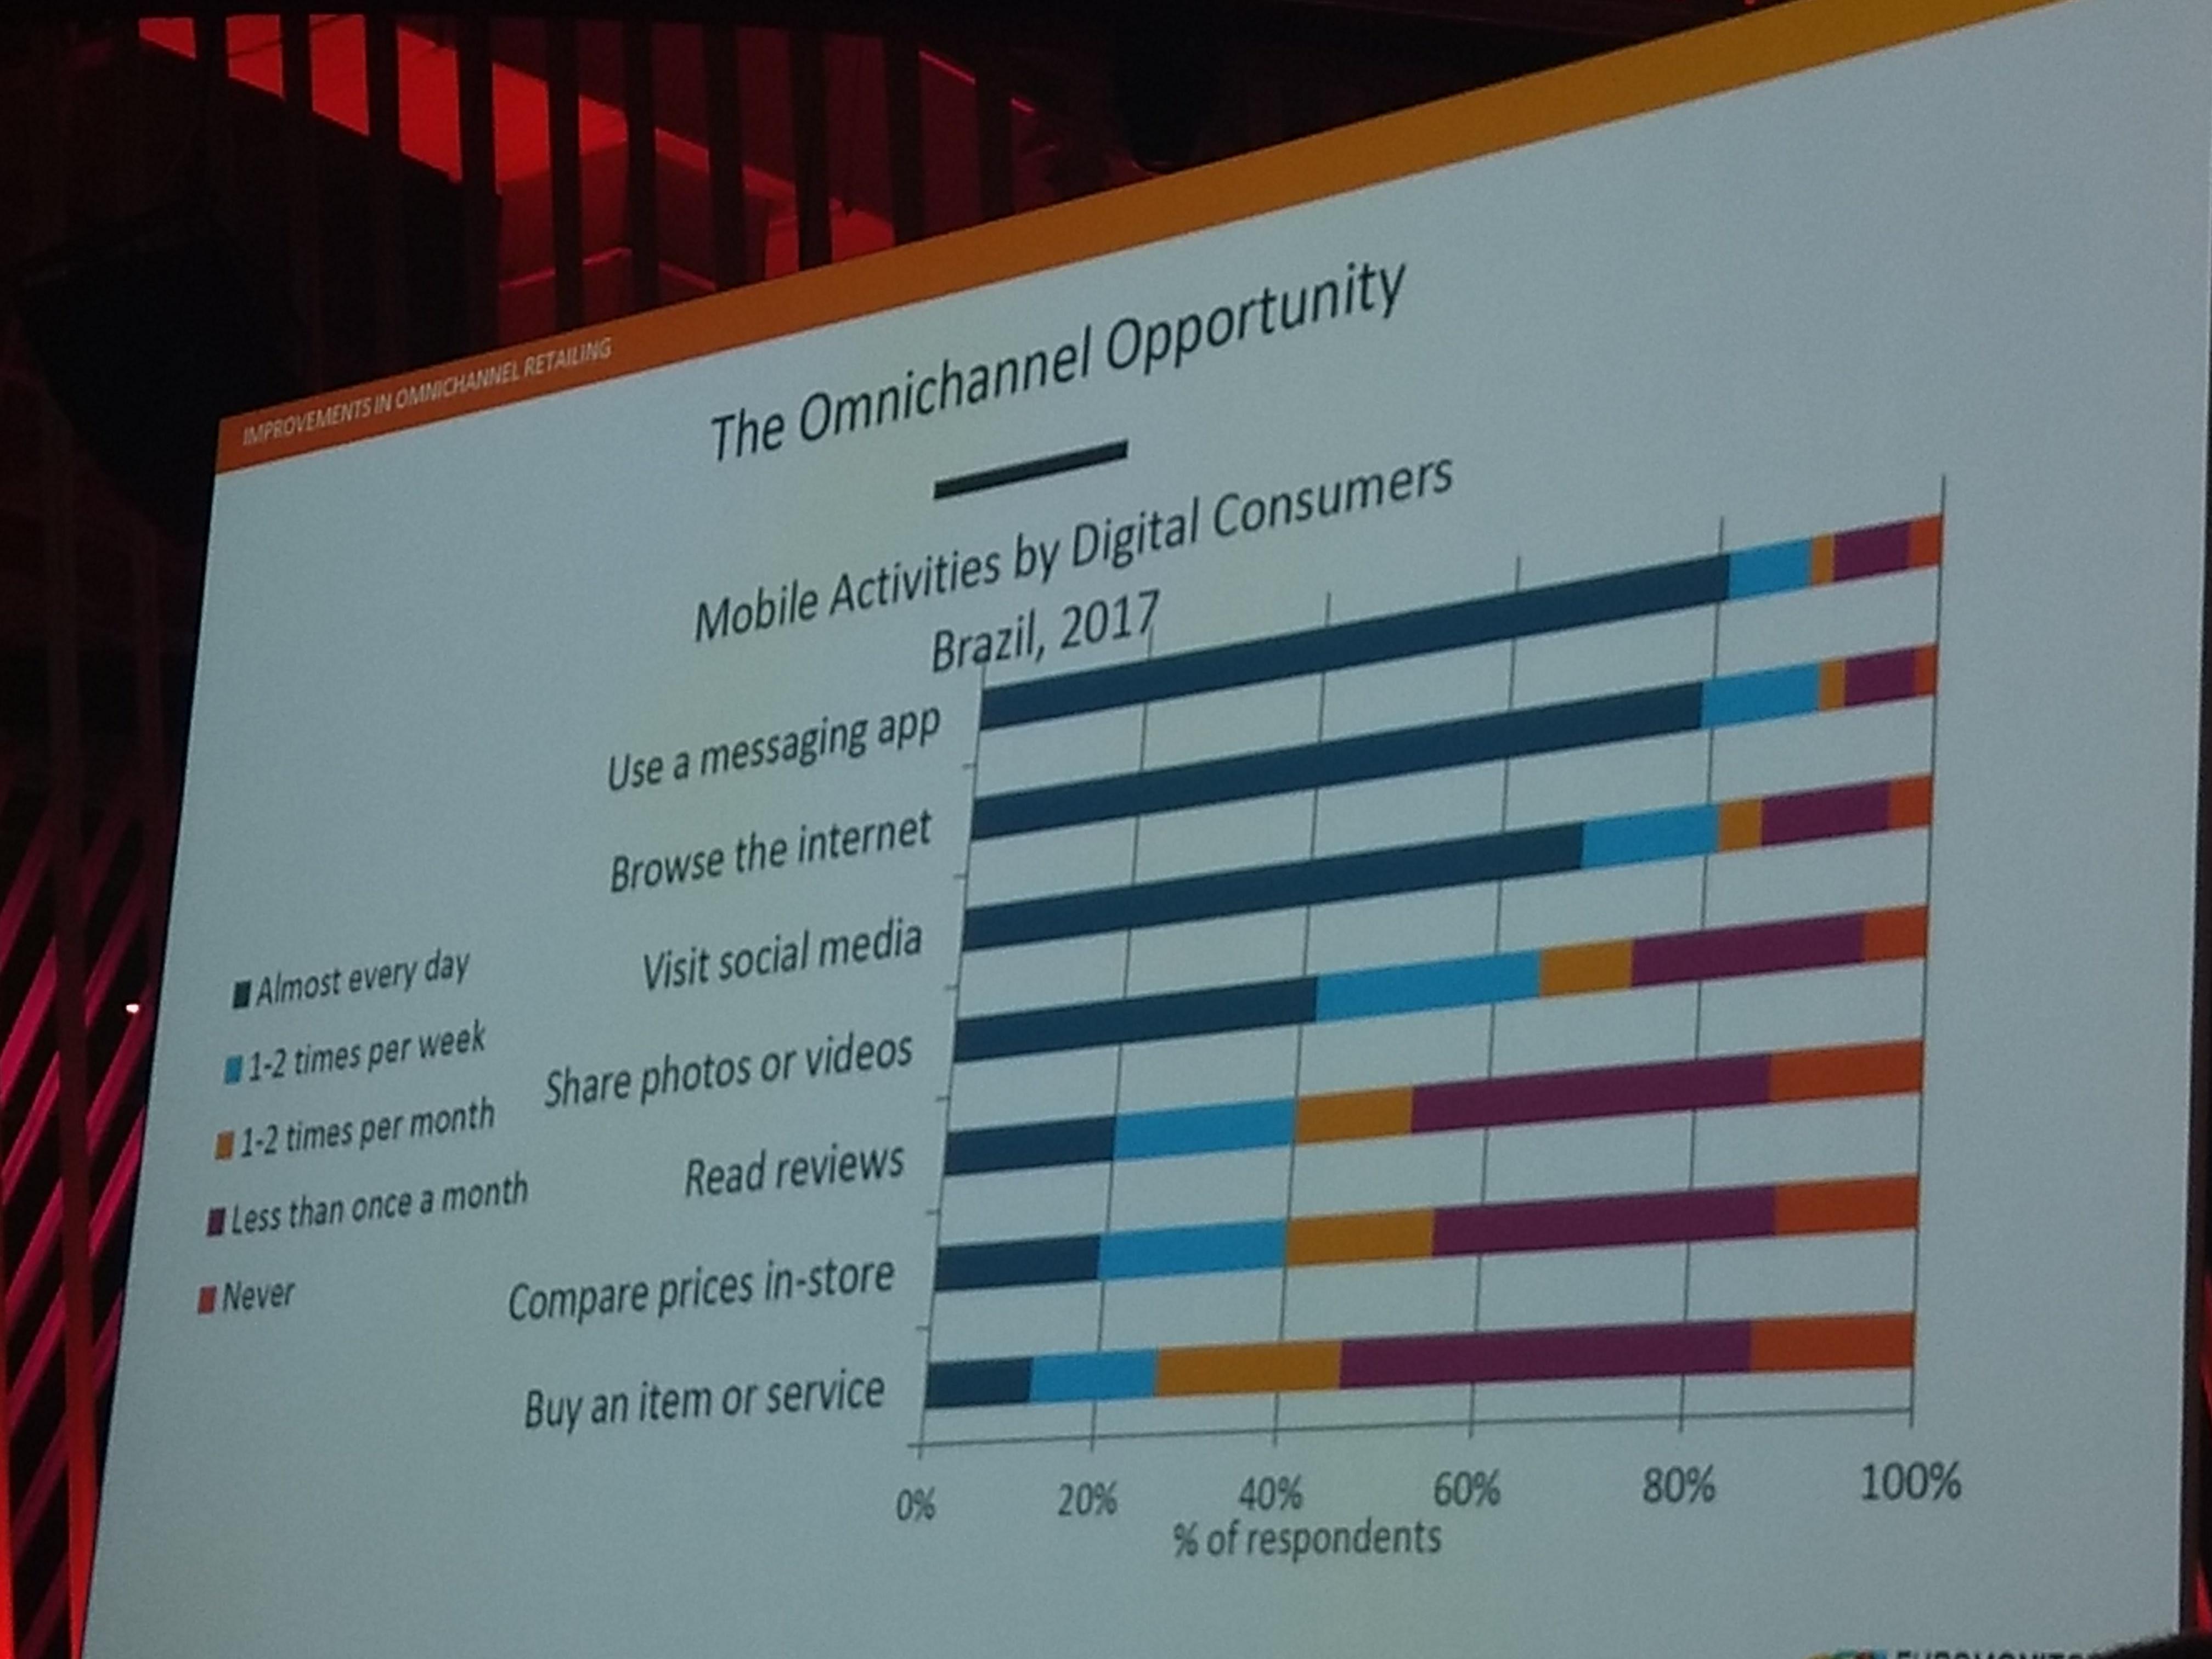 Foto de um infográfico representado por barras horizontais que apresenta as atividades do consumidor no mobile.